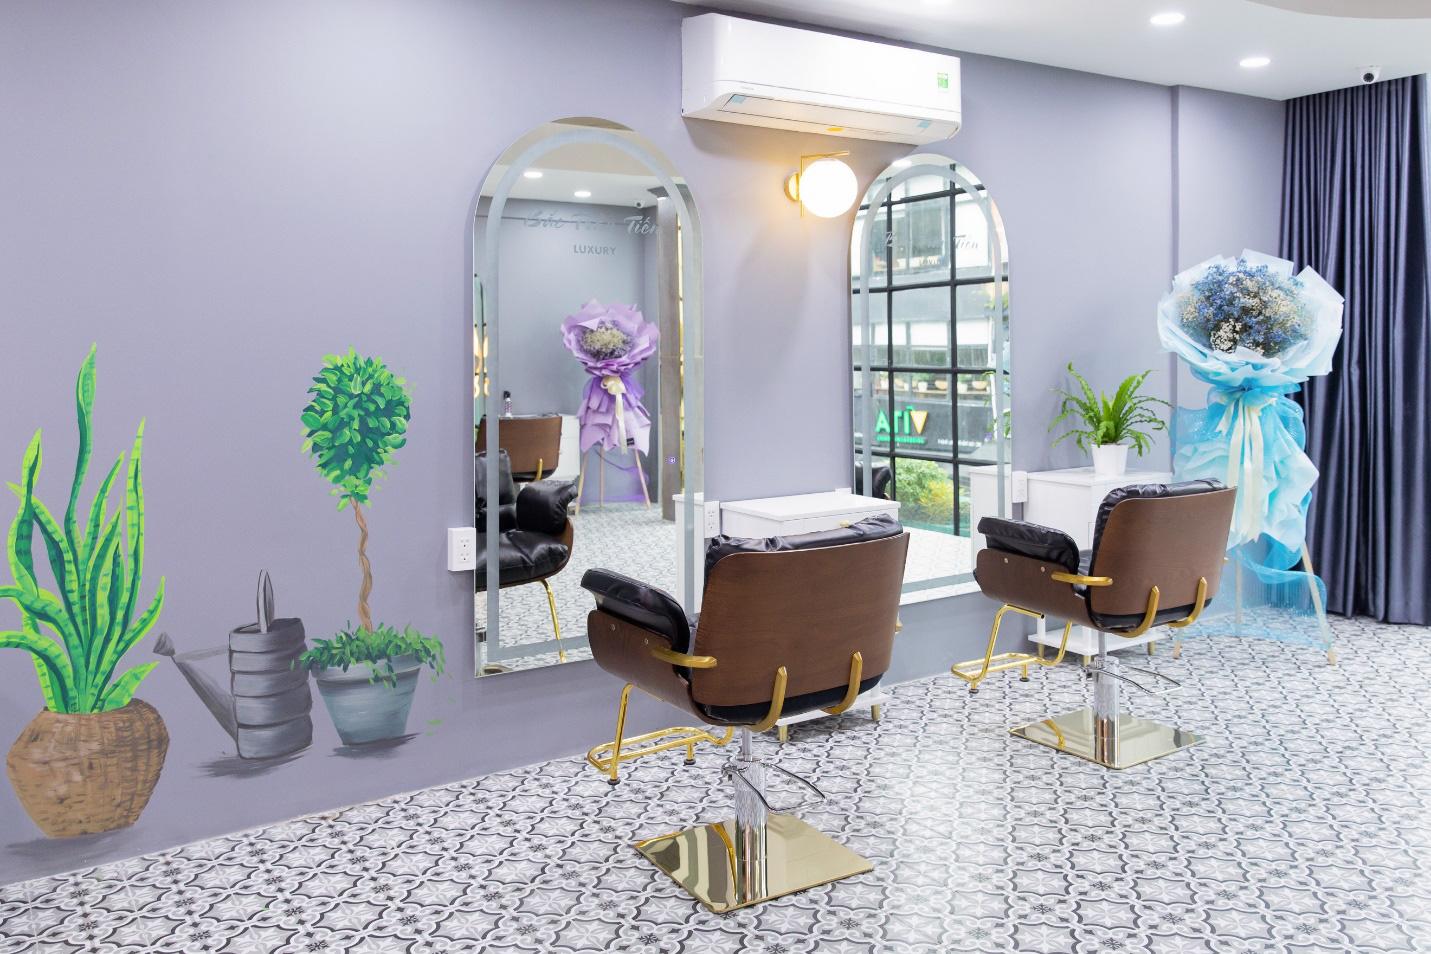 Bắc Trần Tiến - Chuỗi salon hiện đại, cực hot được nhiều nghệ sĩ yêu thích - Ảnh 5.